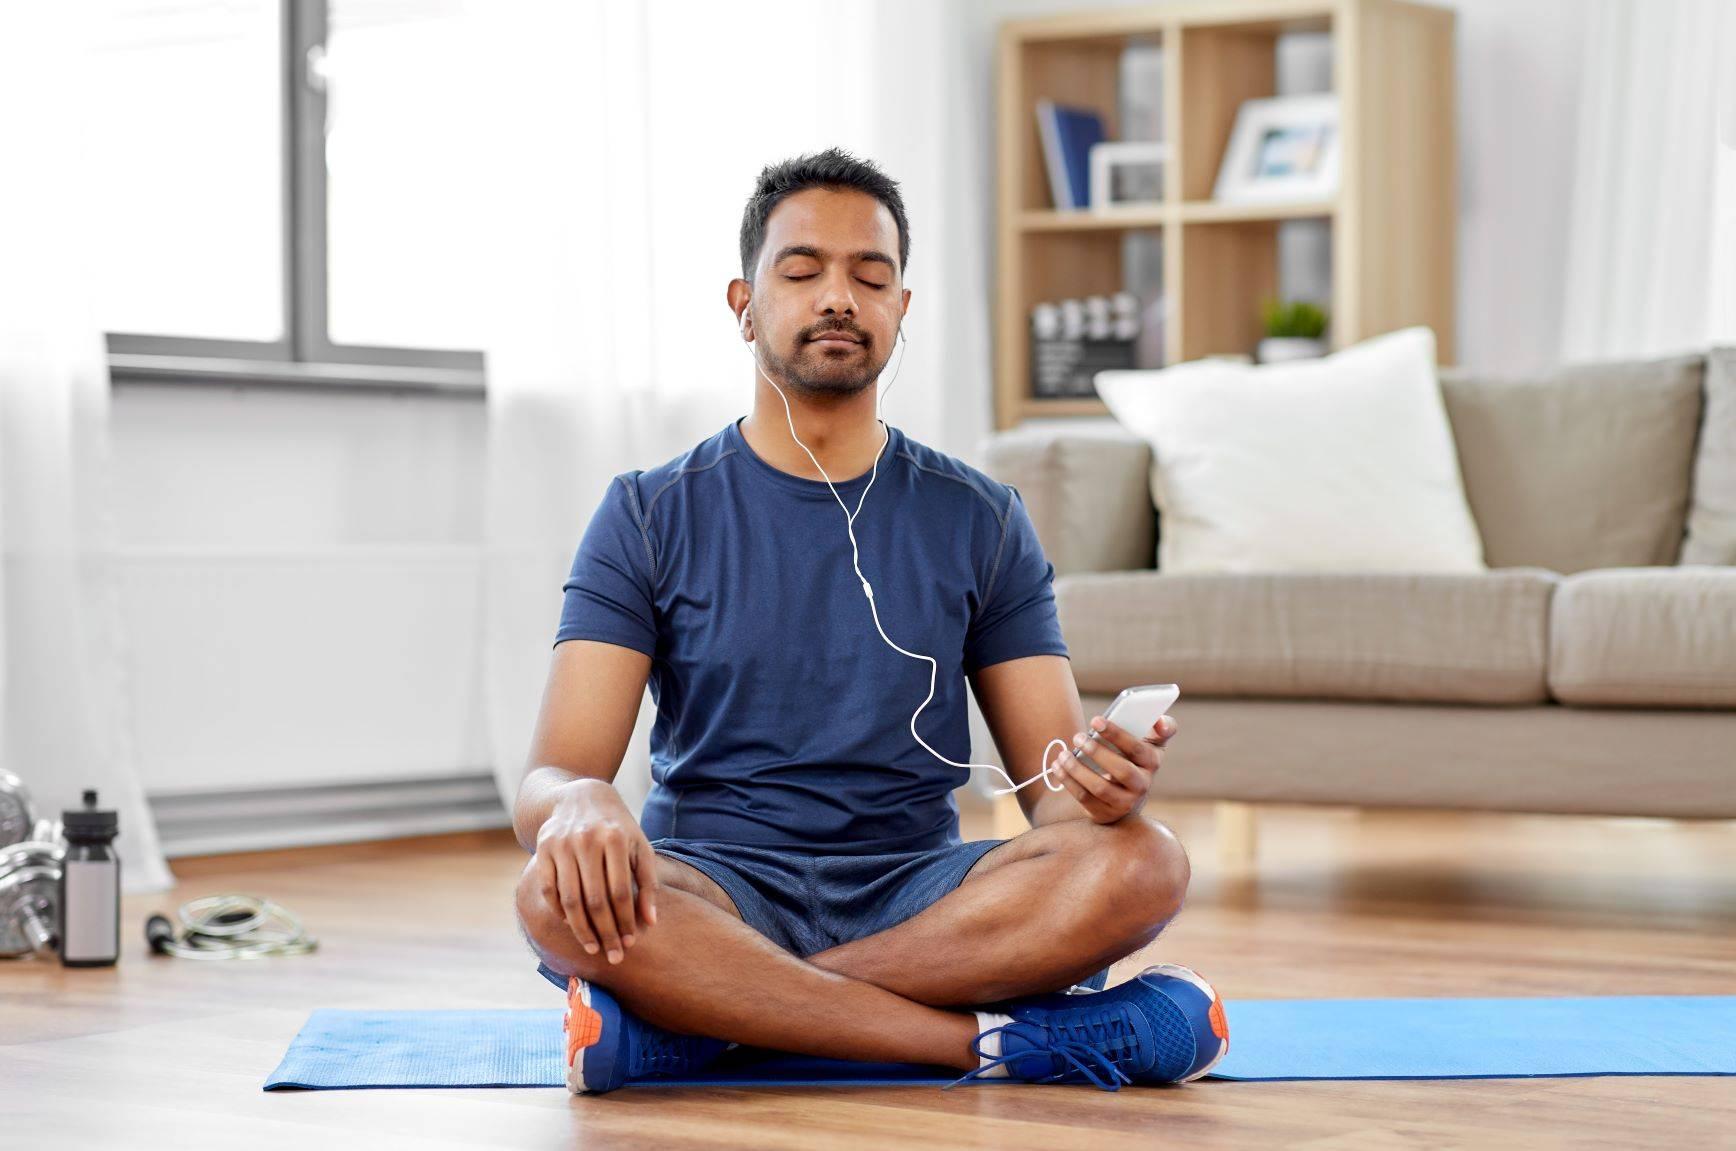 Aplikacja do medytacji - jak działa i jakie daje korzyści? Mężczyzna medytuje z aplikacją do medytacji na macie w domu.